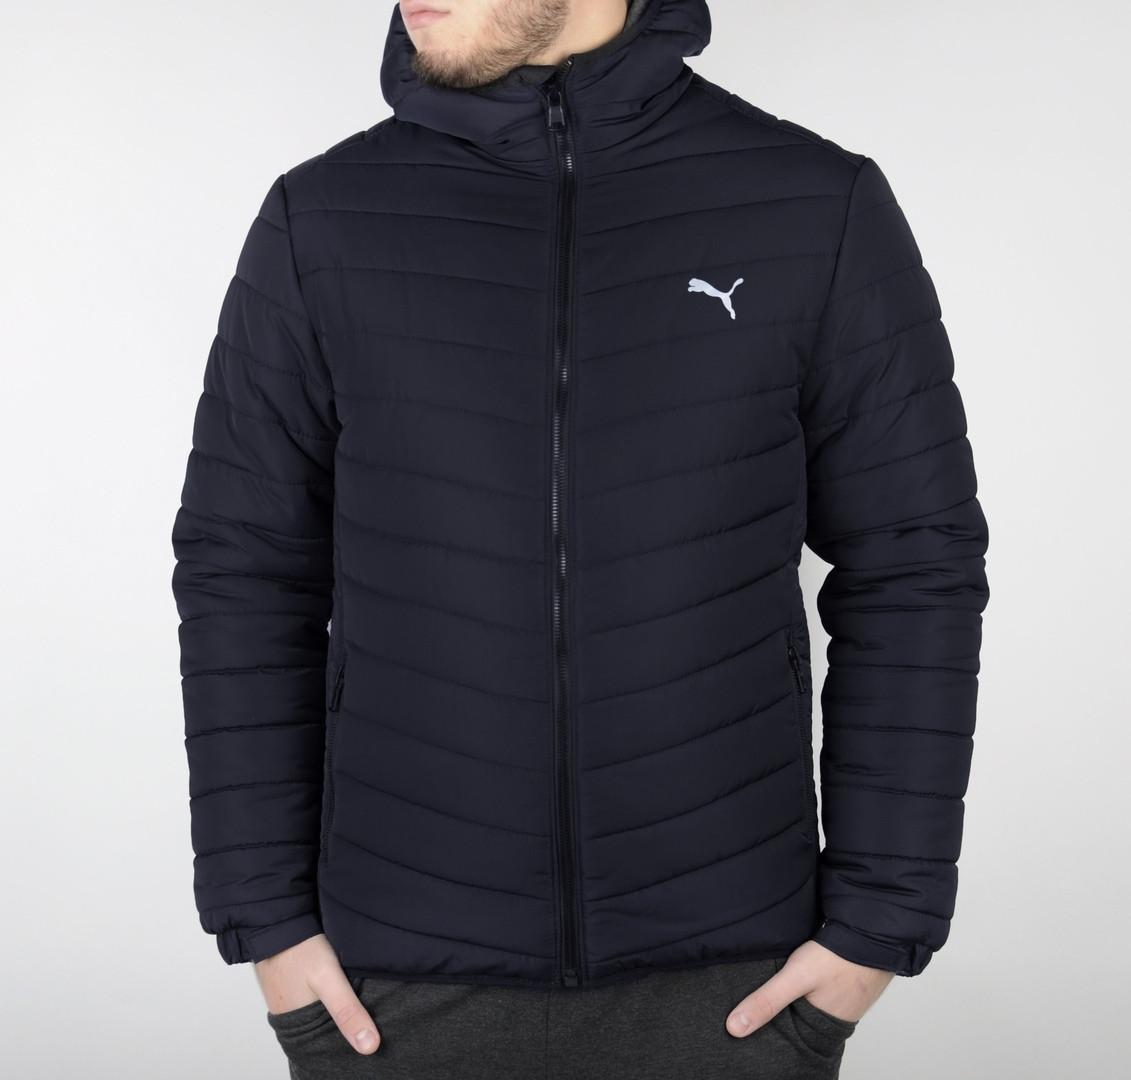 Куртка зимняя (пуховик) для мужчин